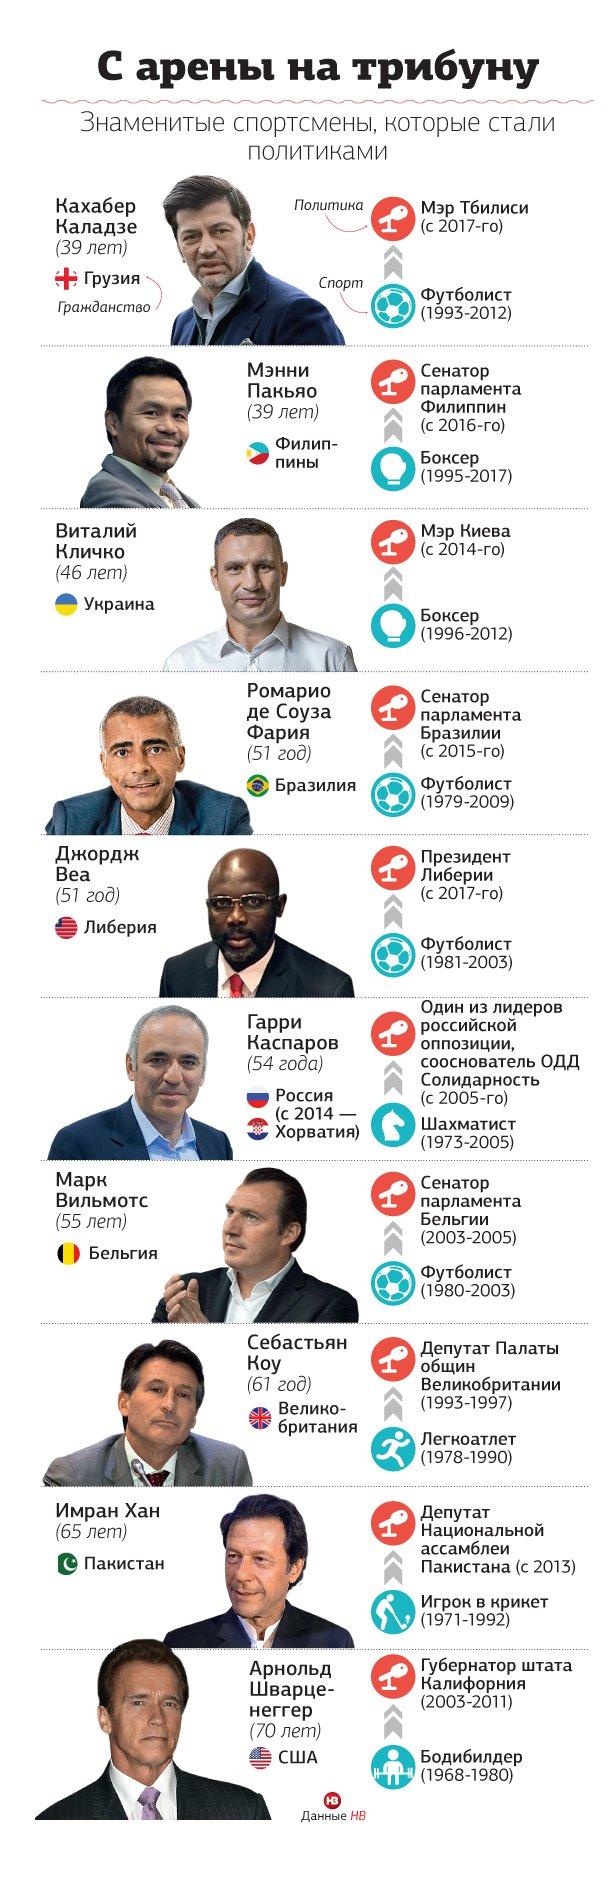 Топ-10 спортсменов, ставших политиками